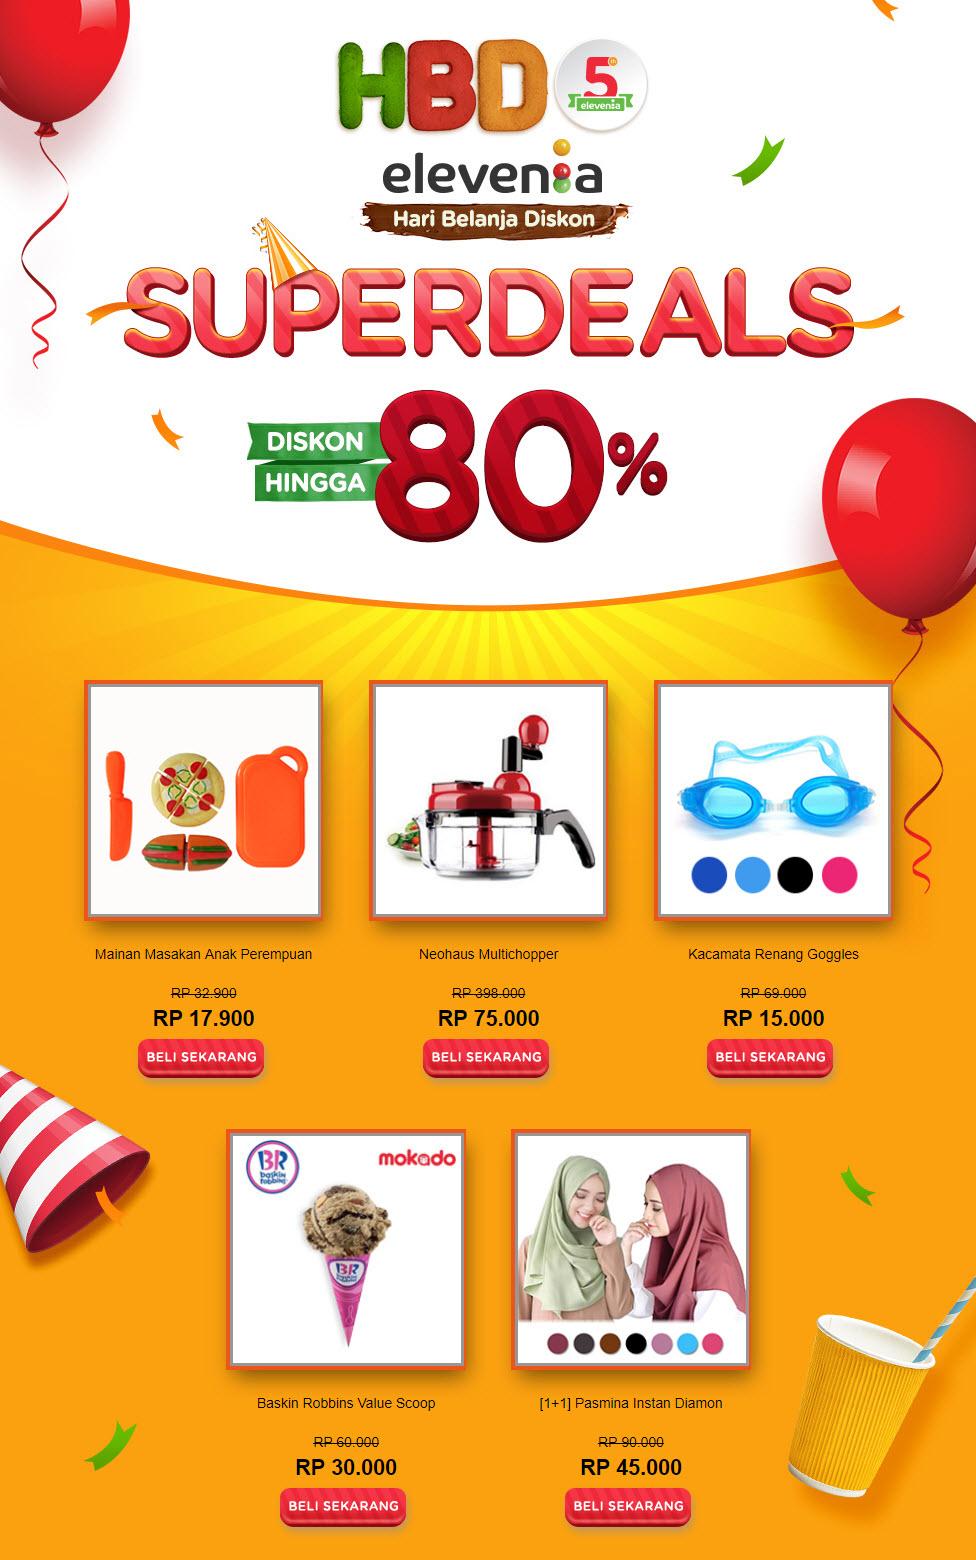 #Elevenia - #Promo HBD ke-5 Dapatkan Super Deal Diskon Hingga 80%